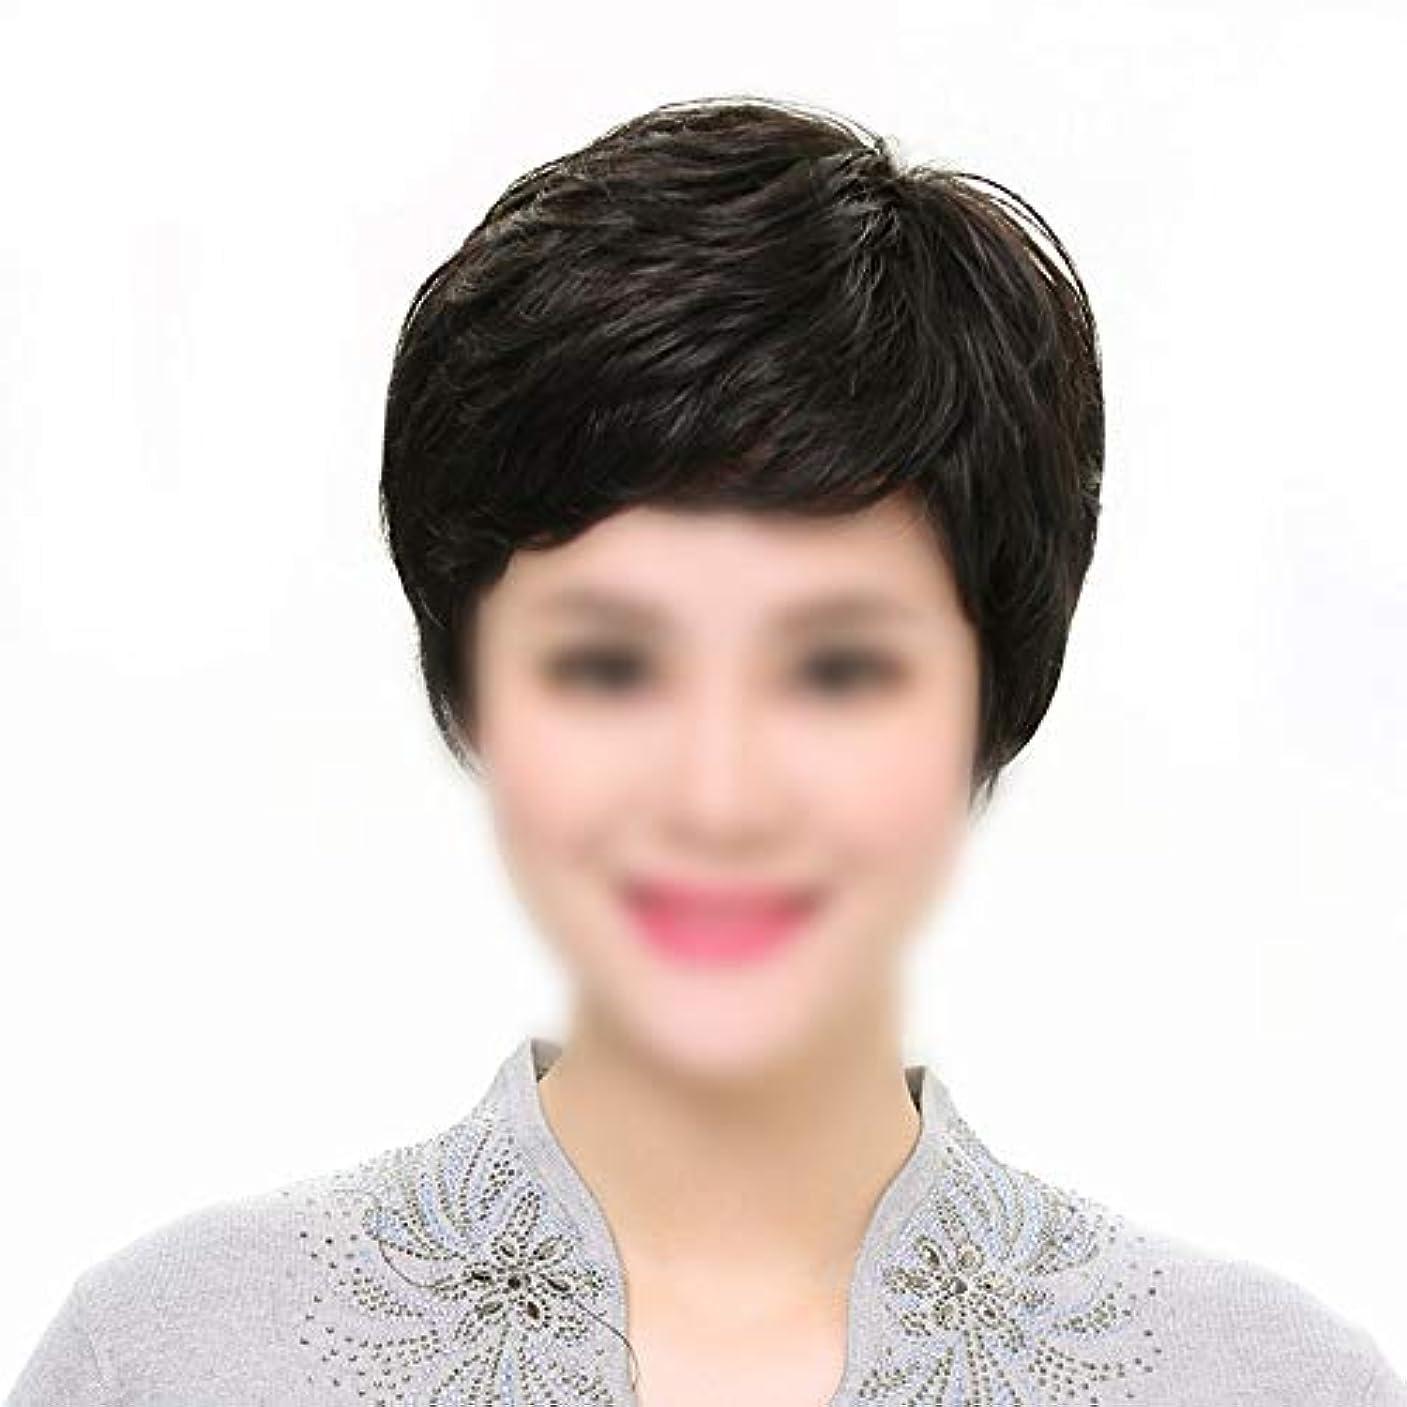 それぞれ新しさ満足できるYOUQIU 母のギフト中東や旧かつらかつらかつら女子ショートウェービーヘアリアルタイム髪 (色 : Natural black, サイズ : Hand-needle)